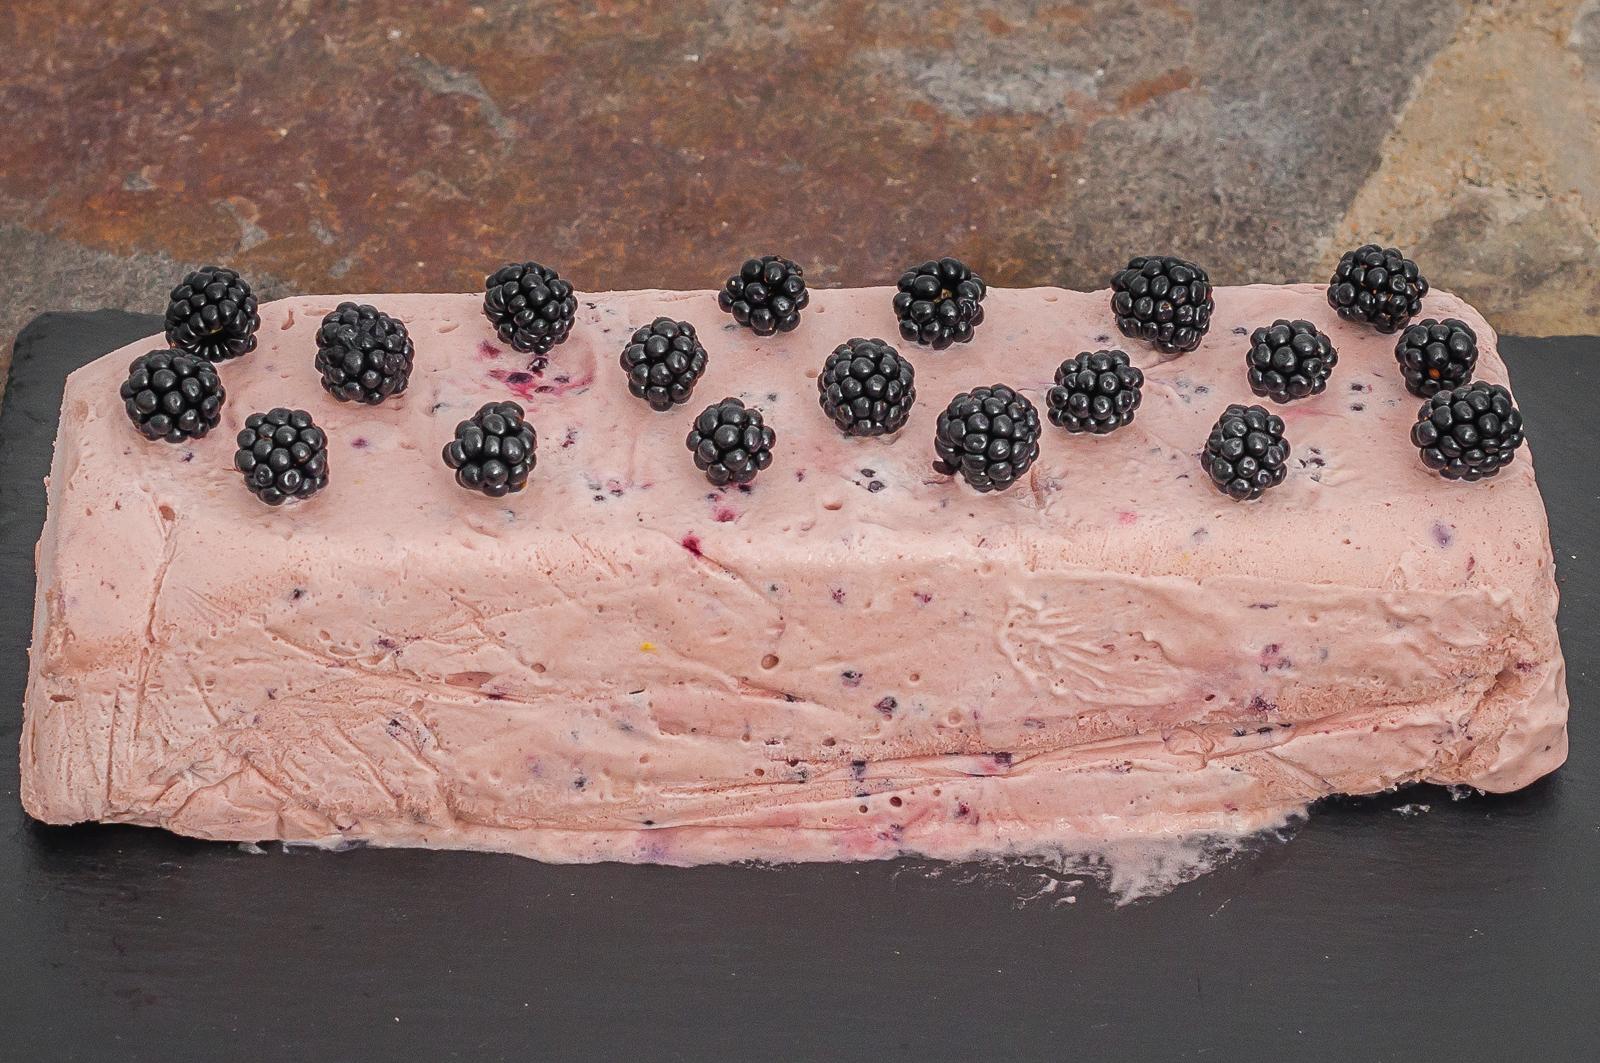 Photo de recette de glace, parfait aux mûres, fruits rouges, dessert d'été, crème dessert glacé, Kilomètre-0, blog de cuisine réalisée à partir de produits de saison et issus de circuits courts